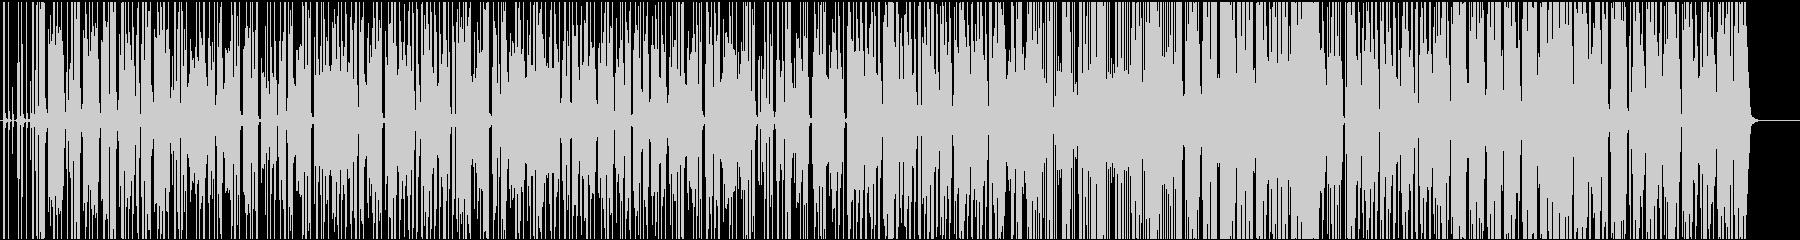 オブジェの未再生の波形